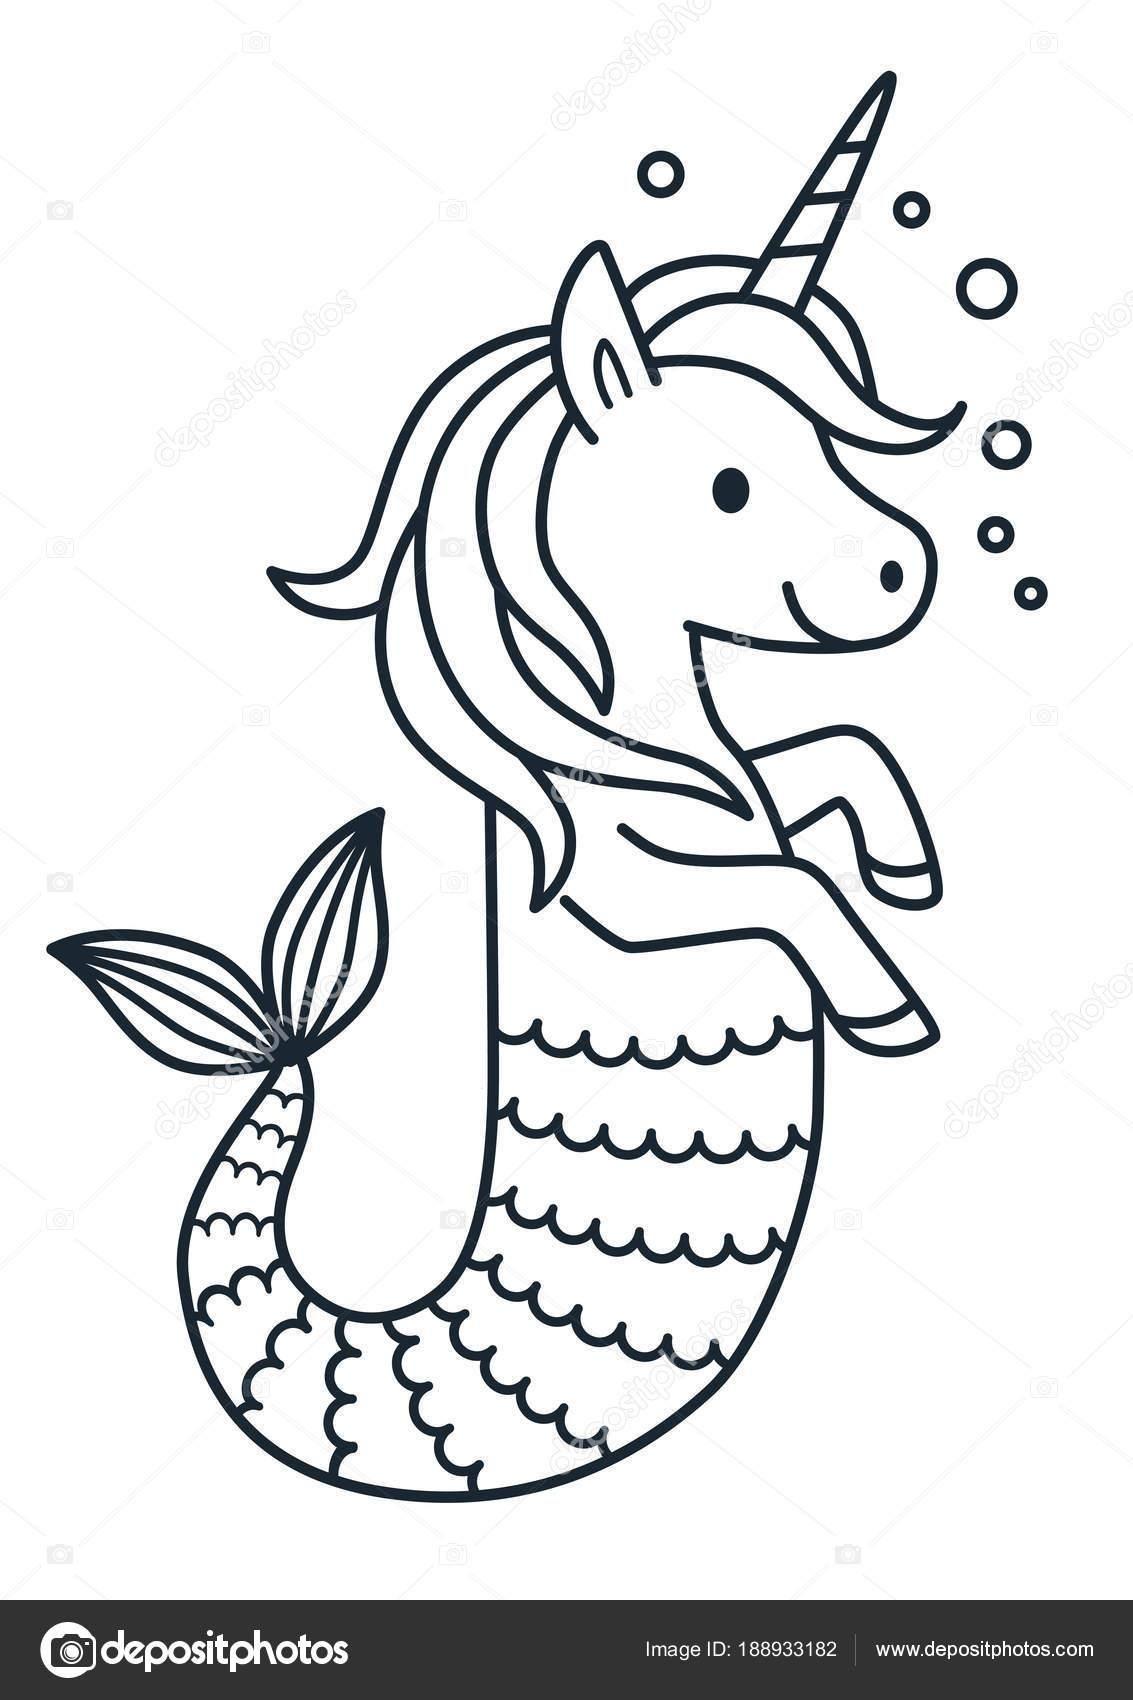 Pin by Debbie Sanders on DIY ideas in 2020 Mermaid